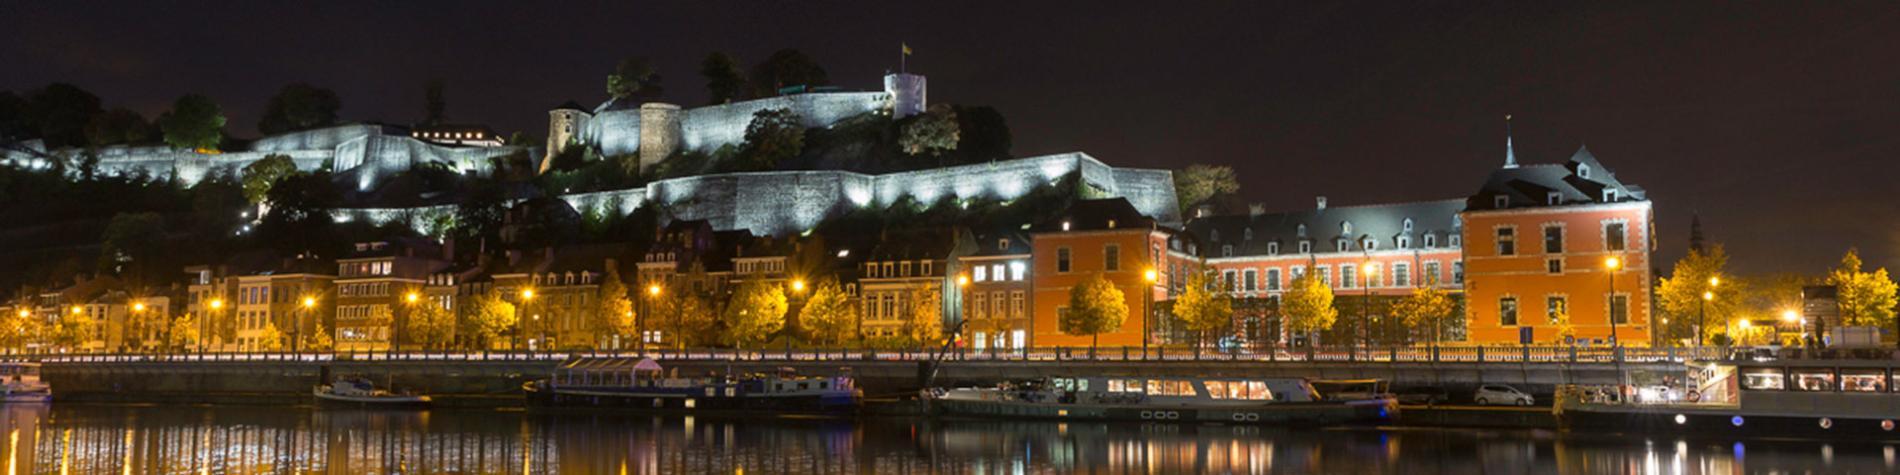 Citadelle - Namur - nuit - lumière